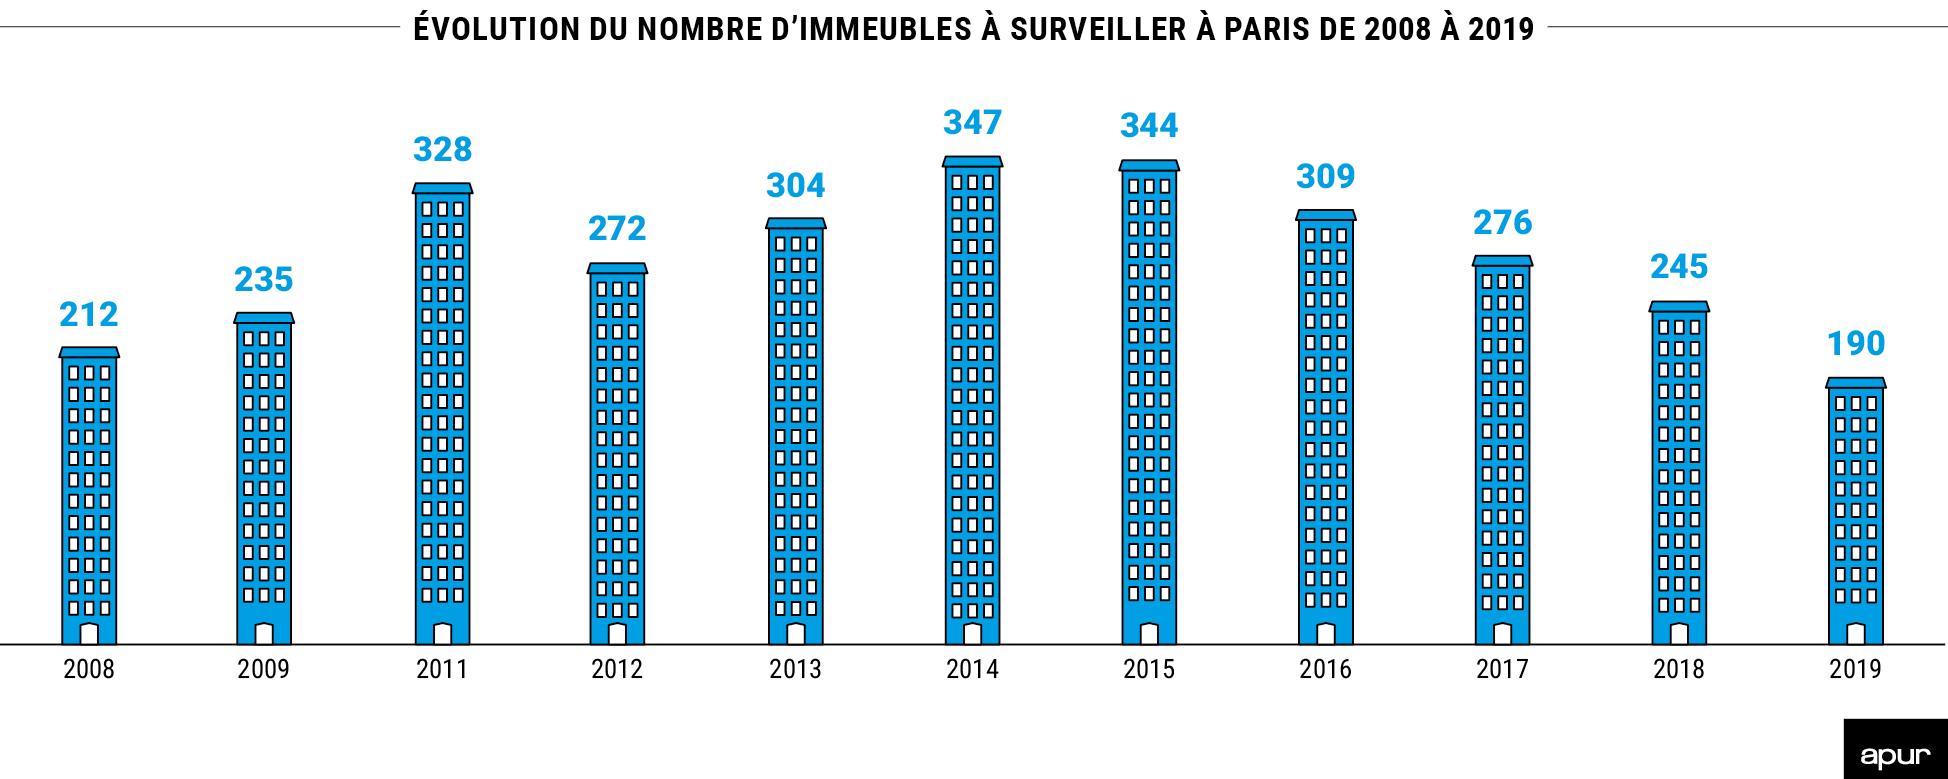 Évolution du nombre d'immeubles à surveiller à paris de 2008 à 2019 © Apur